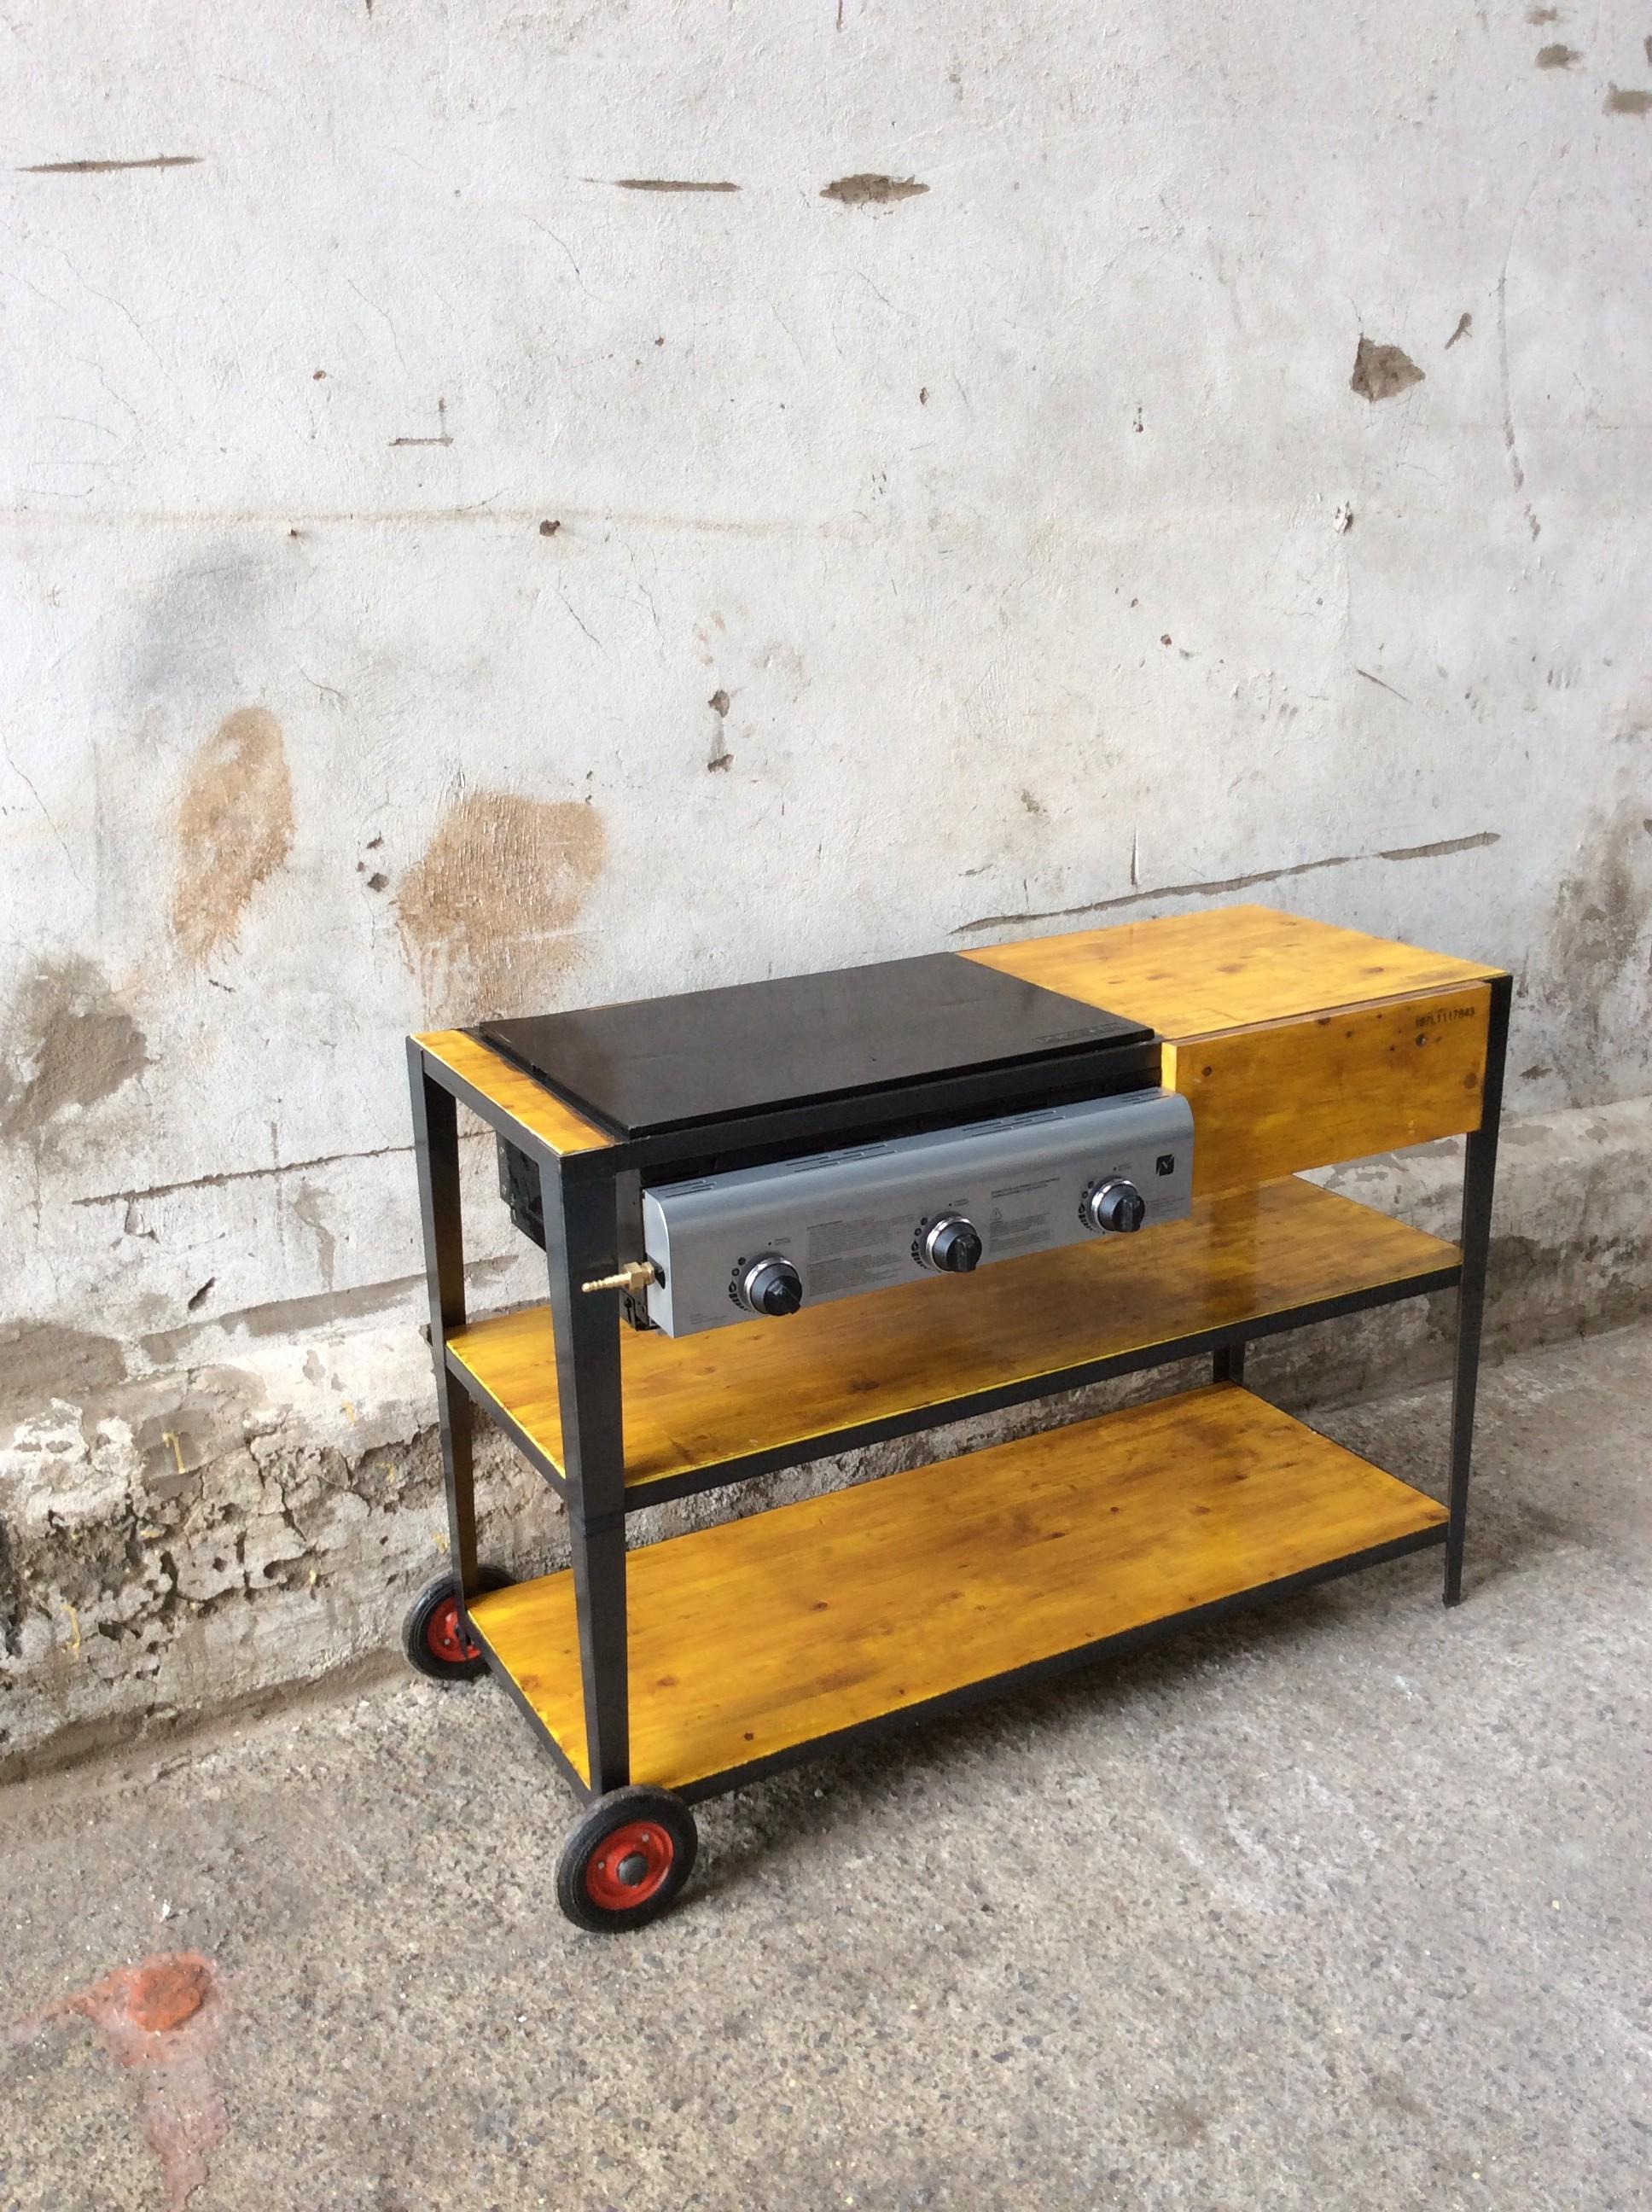 M dulos de cocina scaf polonium 209 for Modulos para cocina